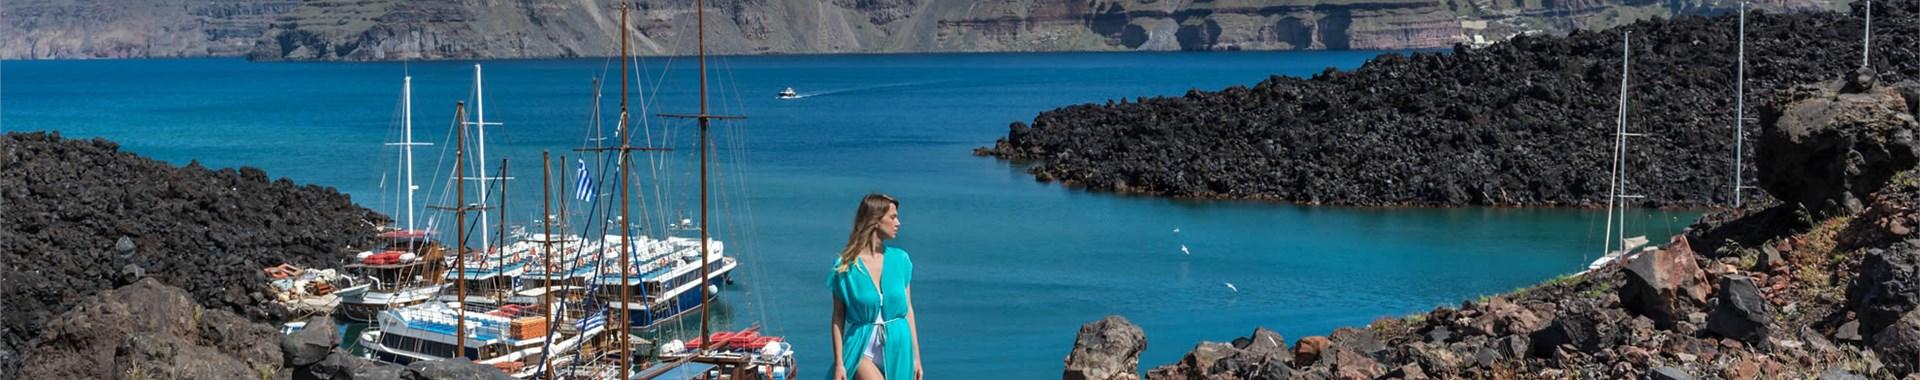 Volcano tours